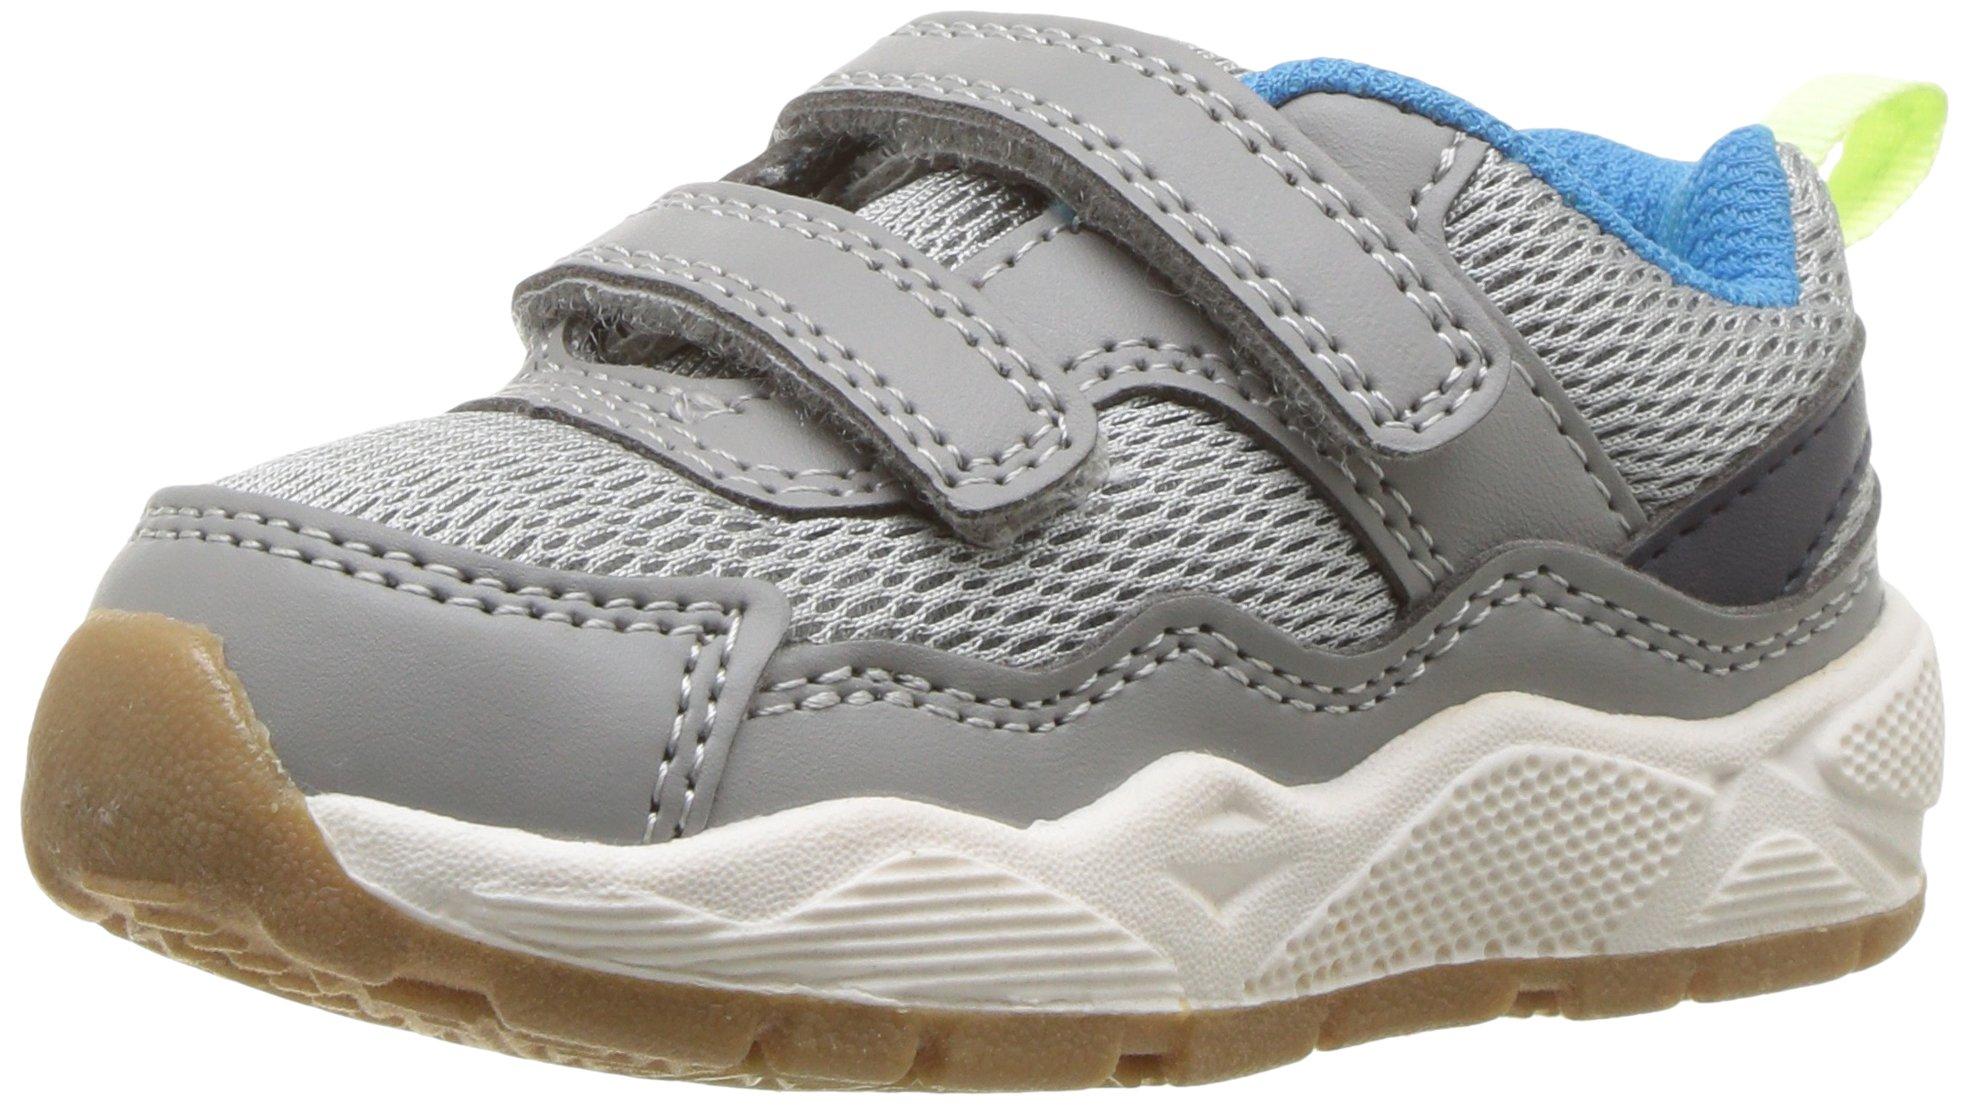 Carter's Boys' Skool Double Strap Sneaker, Grey, 11 M US Little Kid